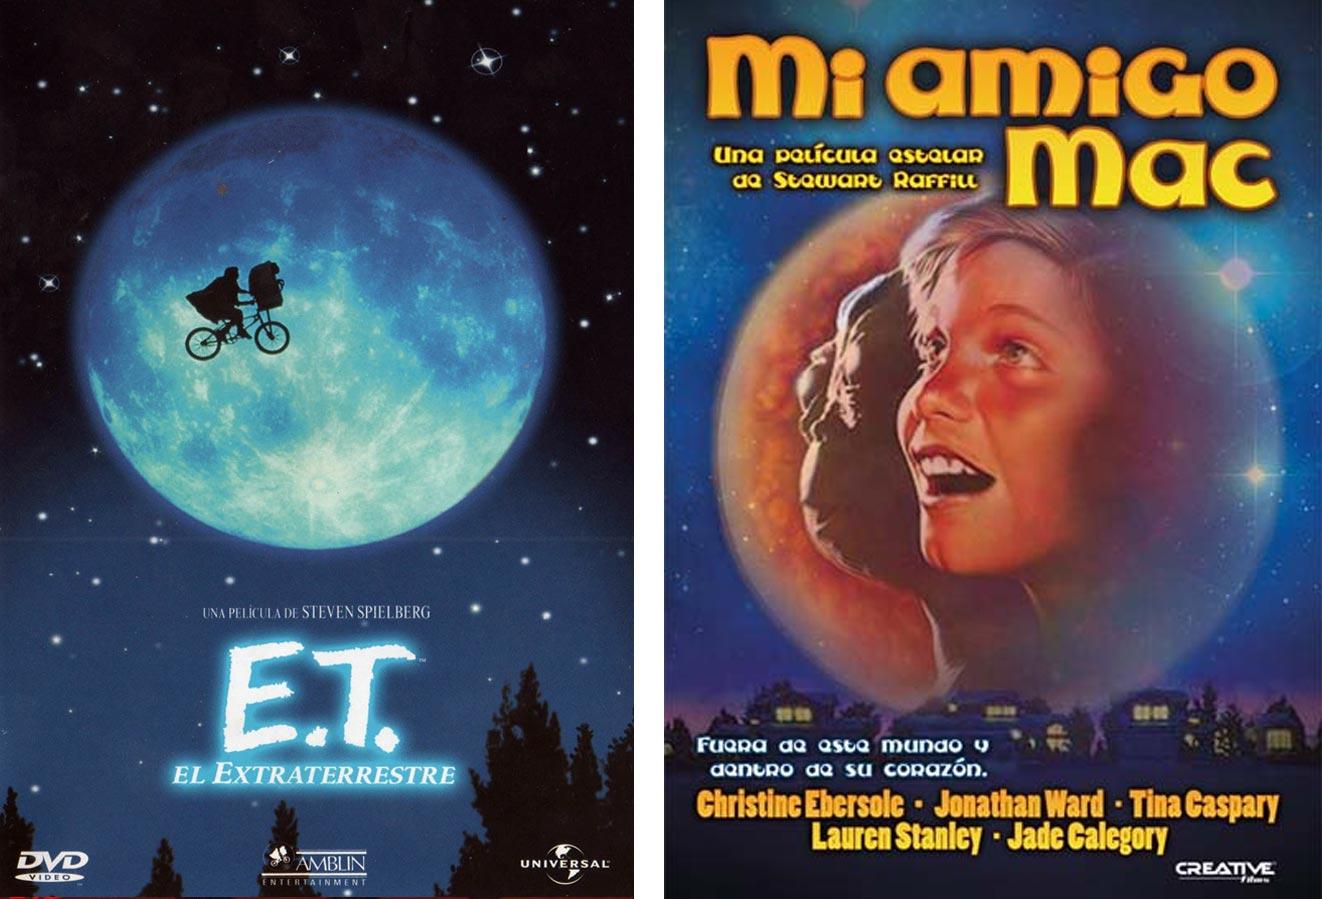 Carteles de 'ET. El extraterrestre' y 'Mi amigo mac'. | Imágenes: Universal y Columbia.